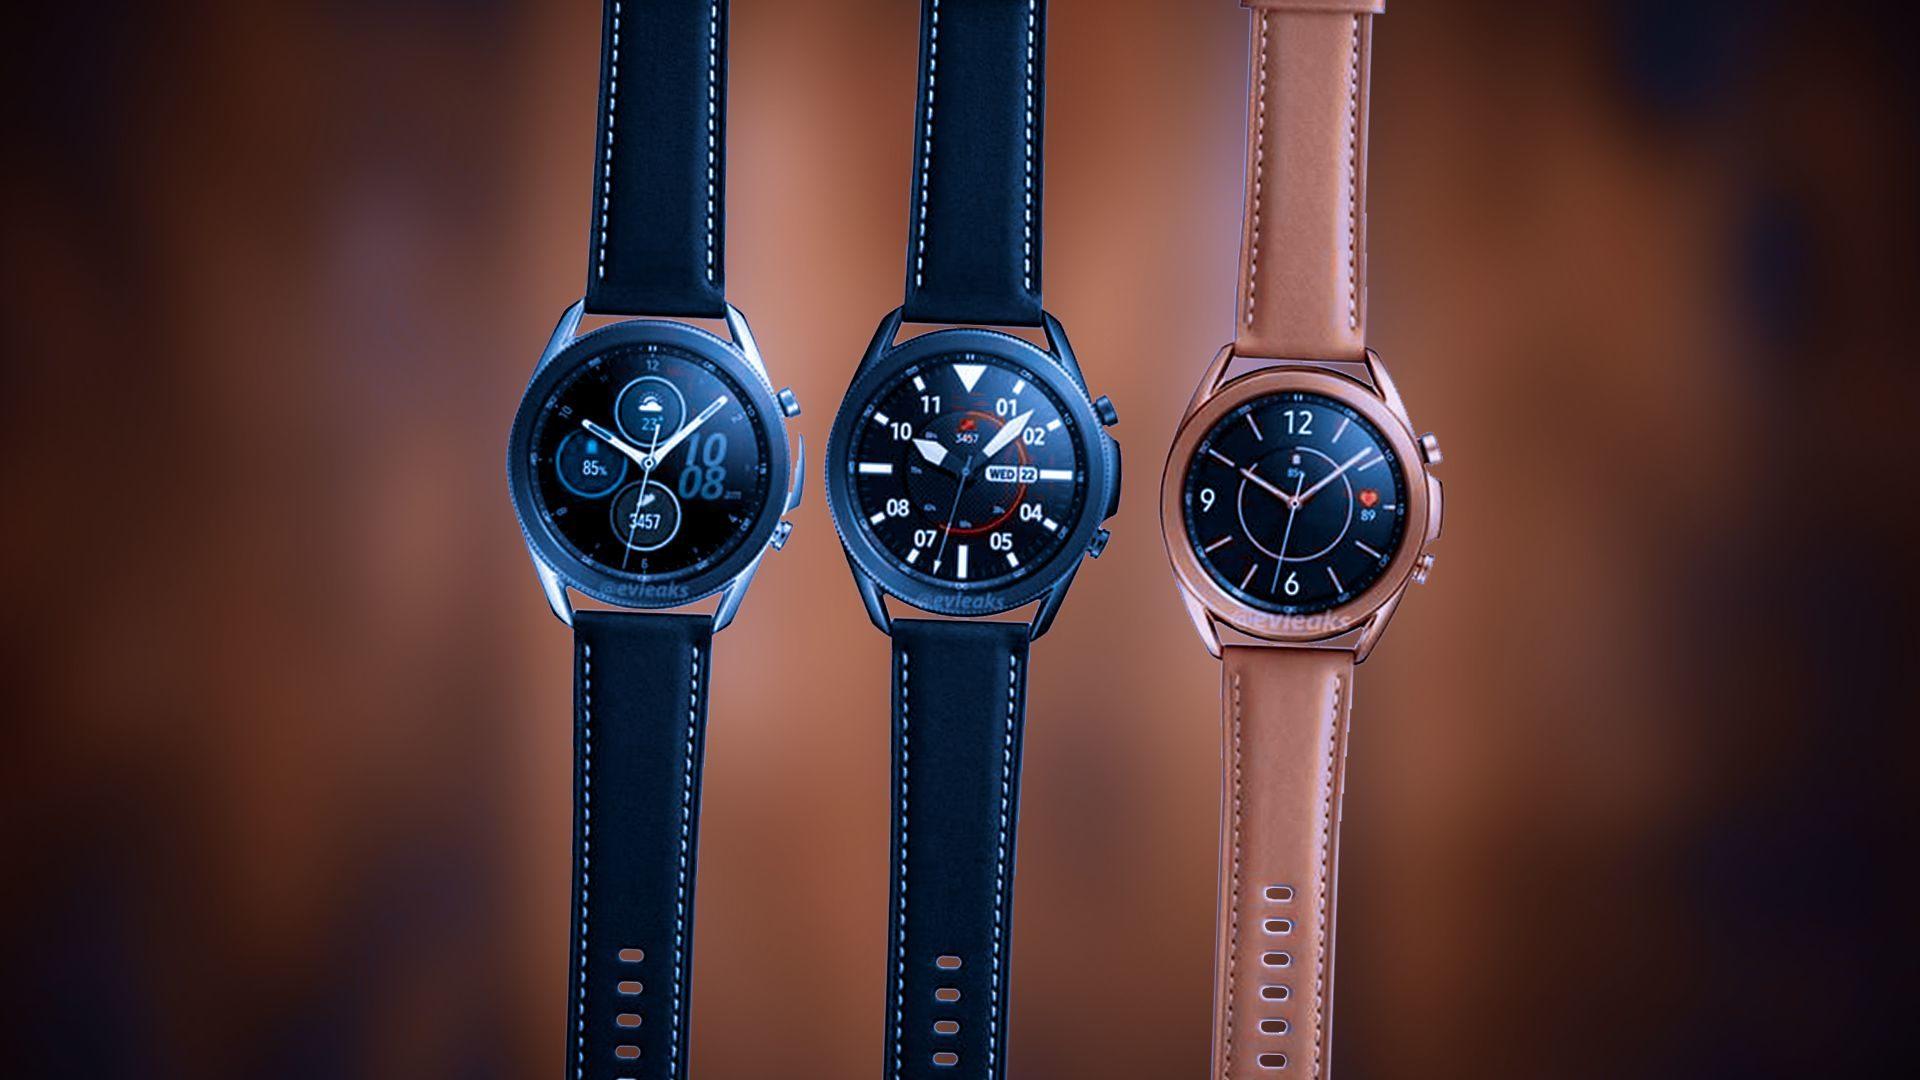 「Galaxy Watch 3」のバリエーションと価格が明らかにされる